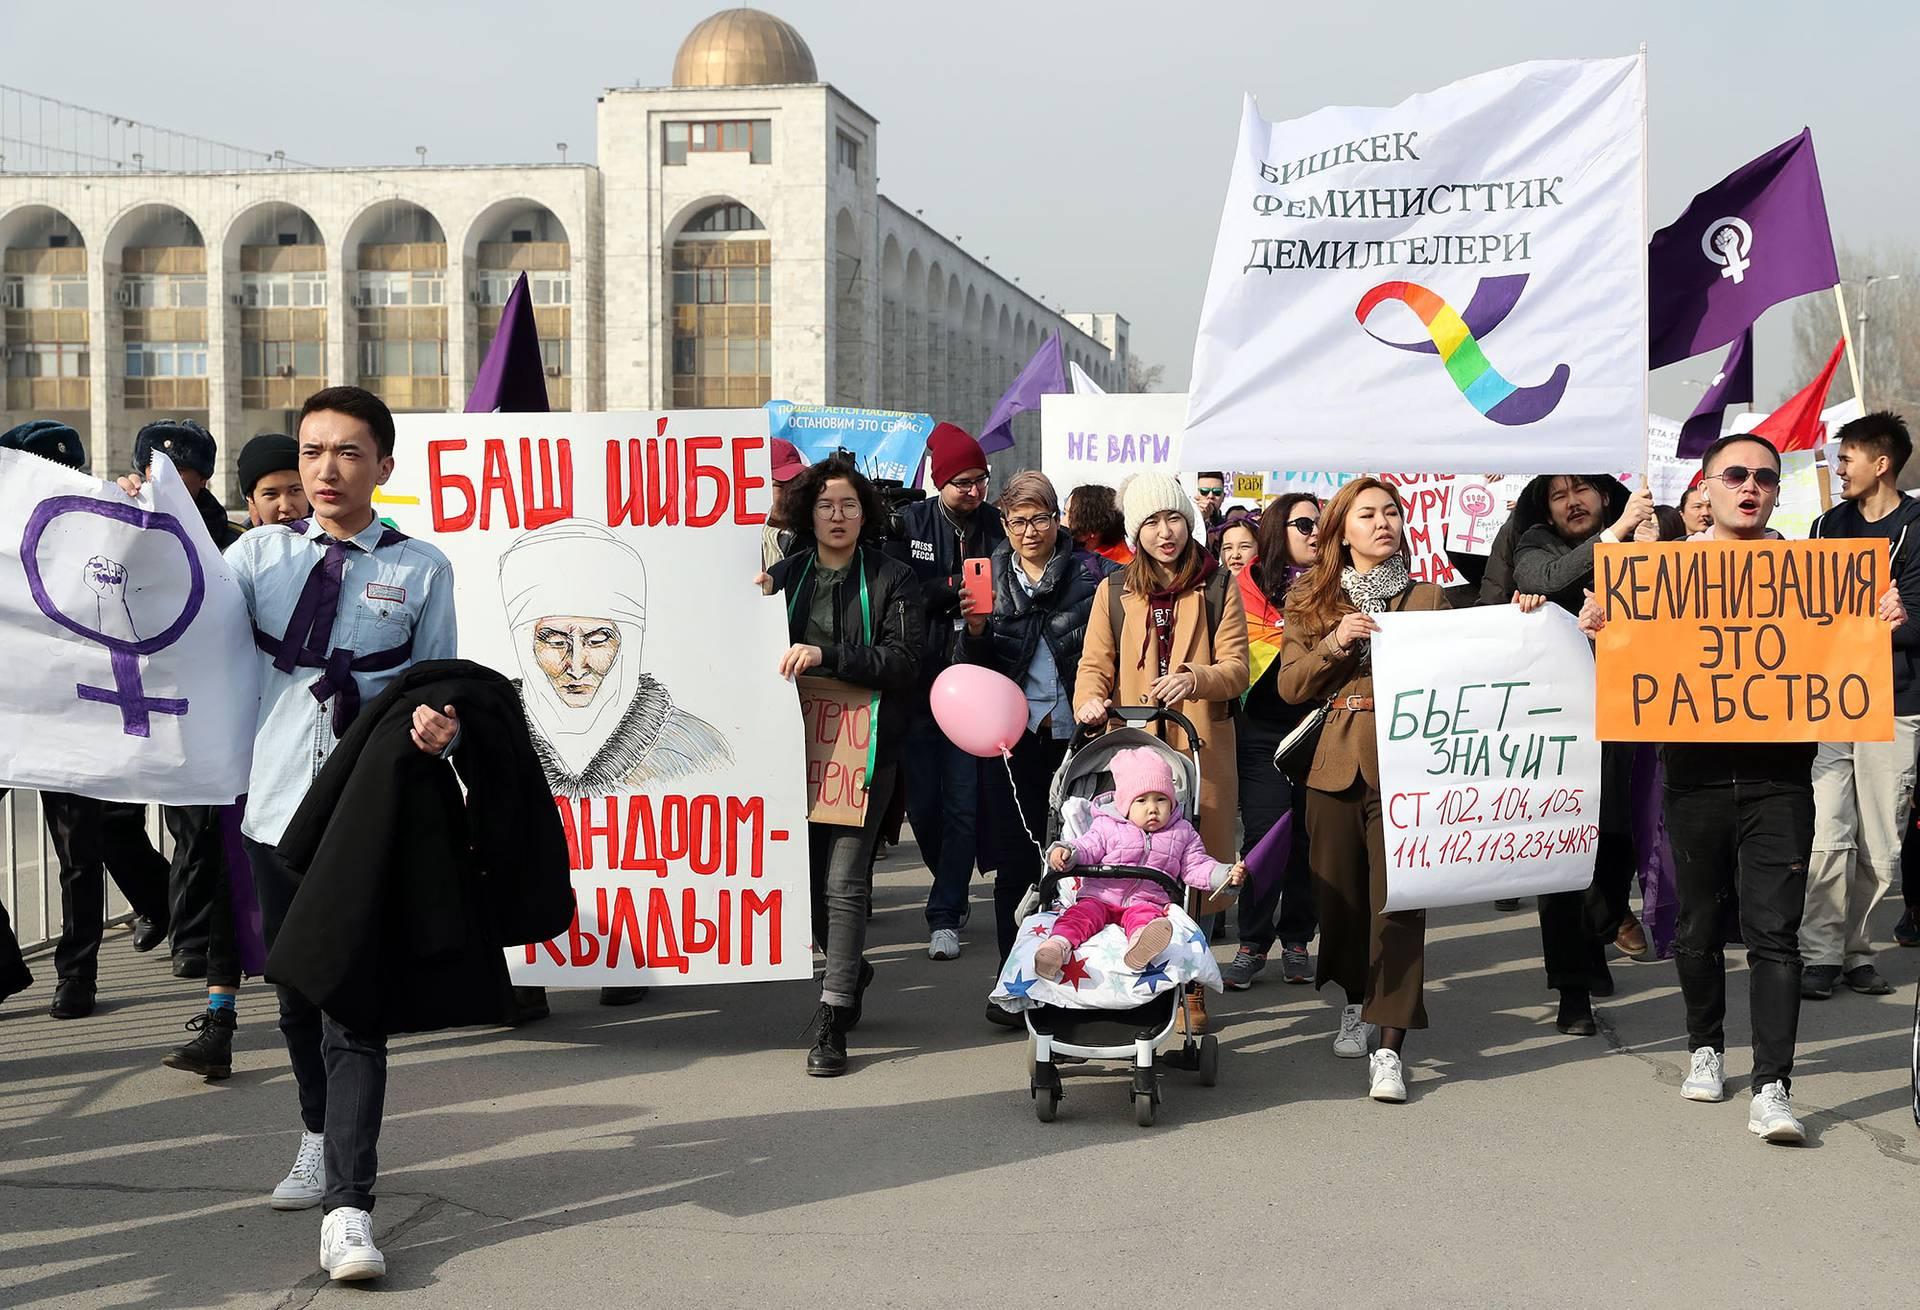 Активісти і активістки феміністичного руху збираються з плакатами «Не бийте жінок» під час демонстрації з нагоди Міжнародного дня захисту прав жінок в Бішкеку, Киргизстан, 8 березня 2019 року